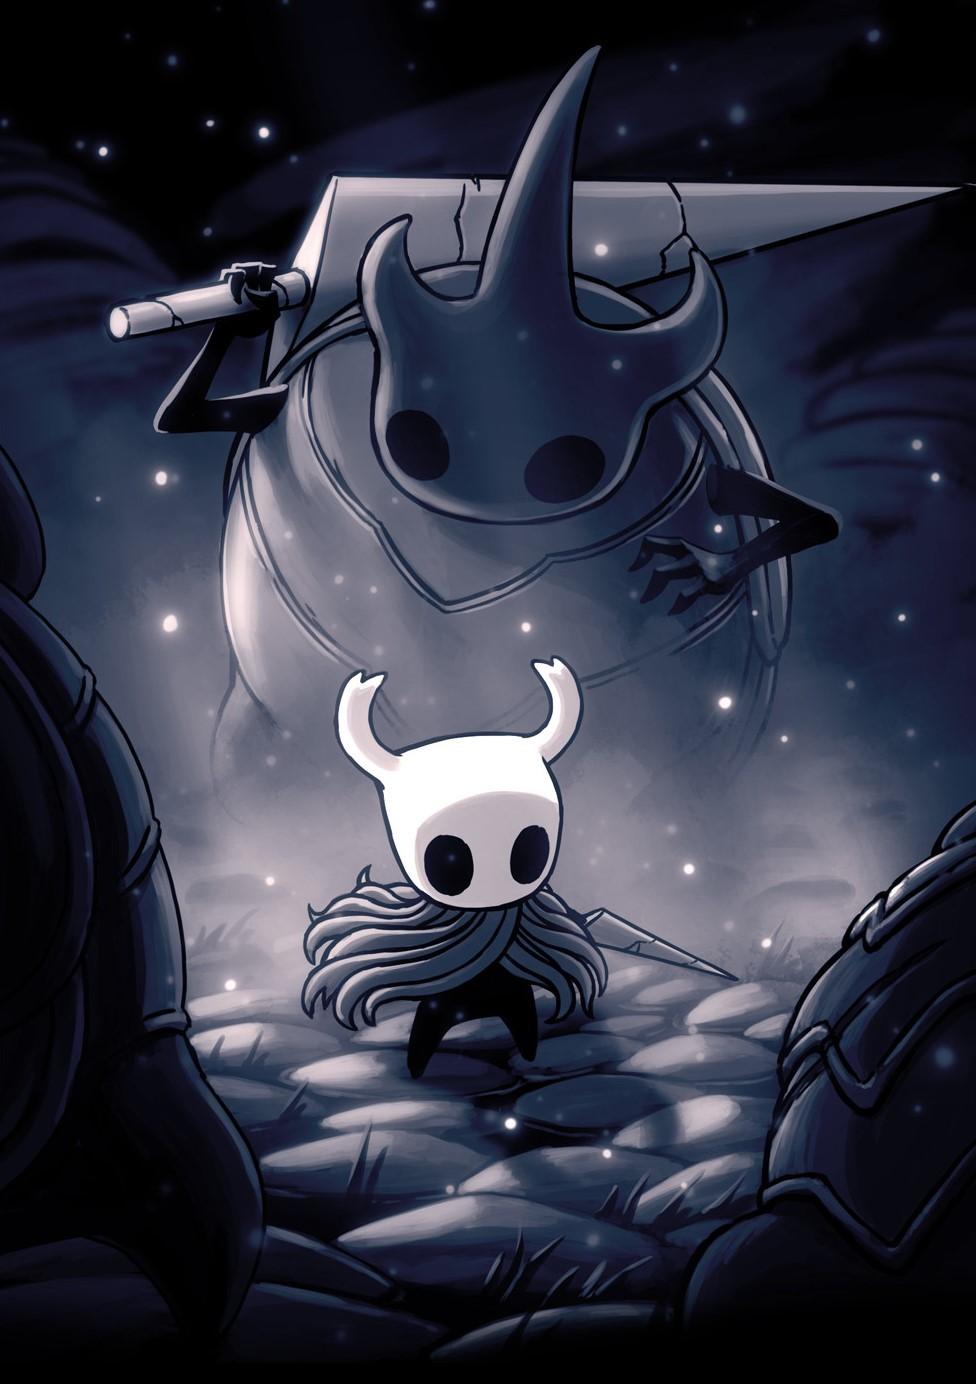 别被它可爱手绘画风骗了,这可能是 NS 上最难的独立游戏:空洞骑士